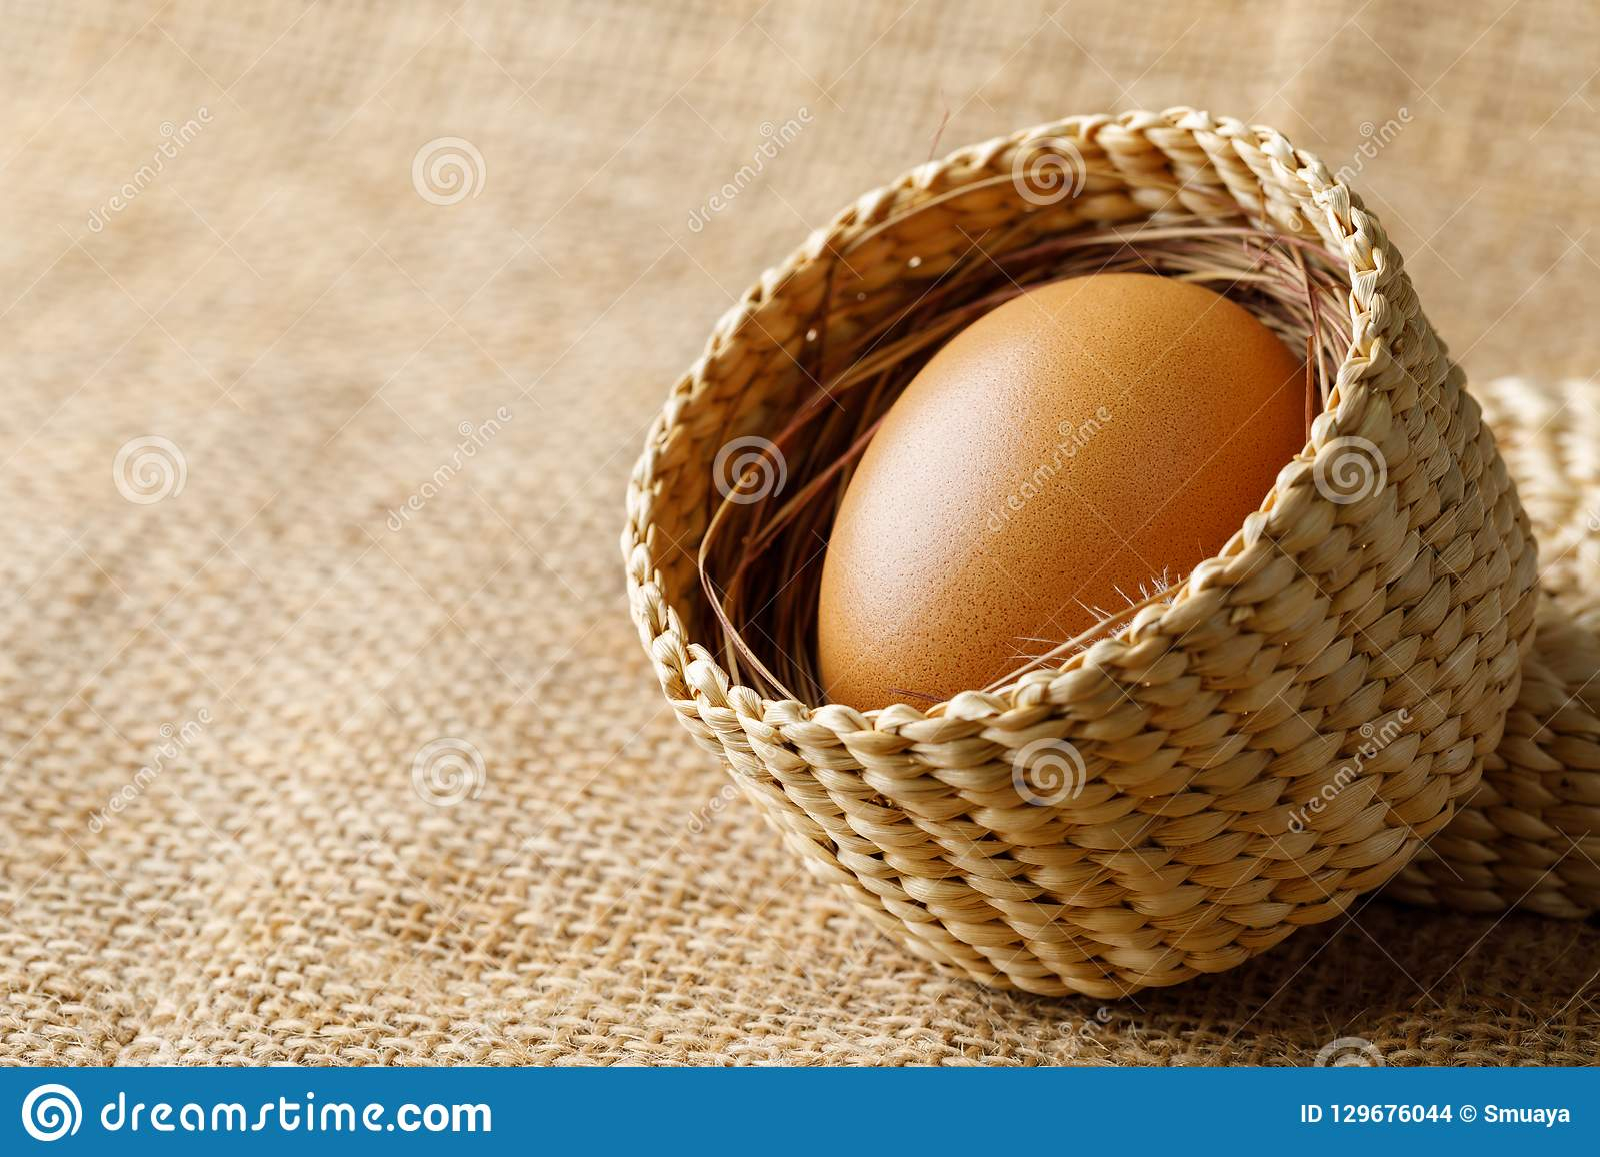 Kurczak lub kurny jajko w łozinowym koszu na parciaku